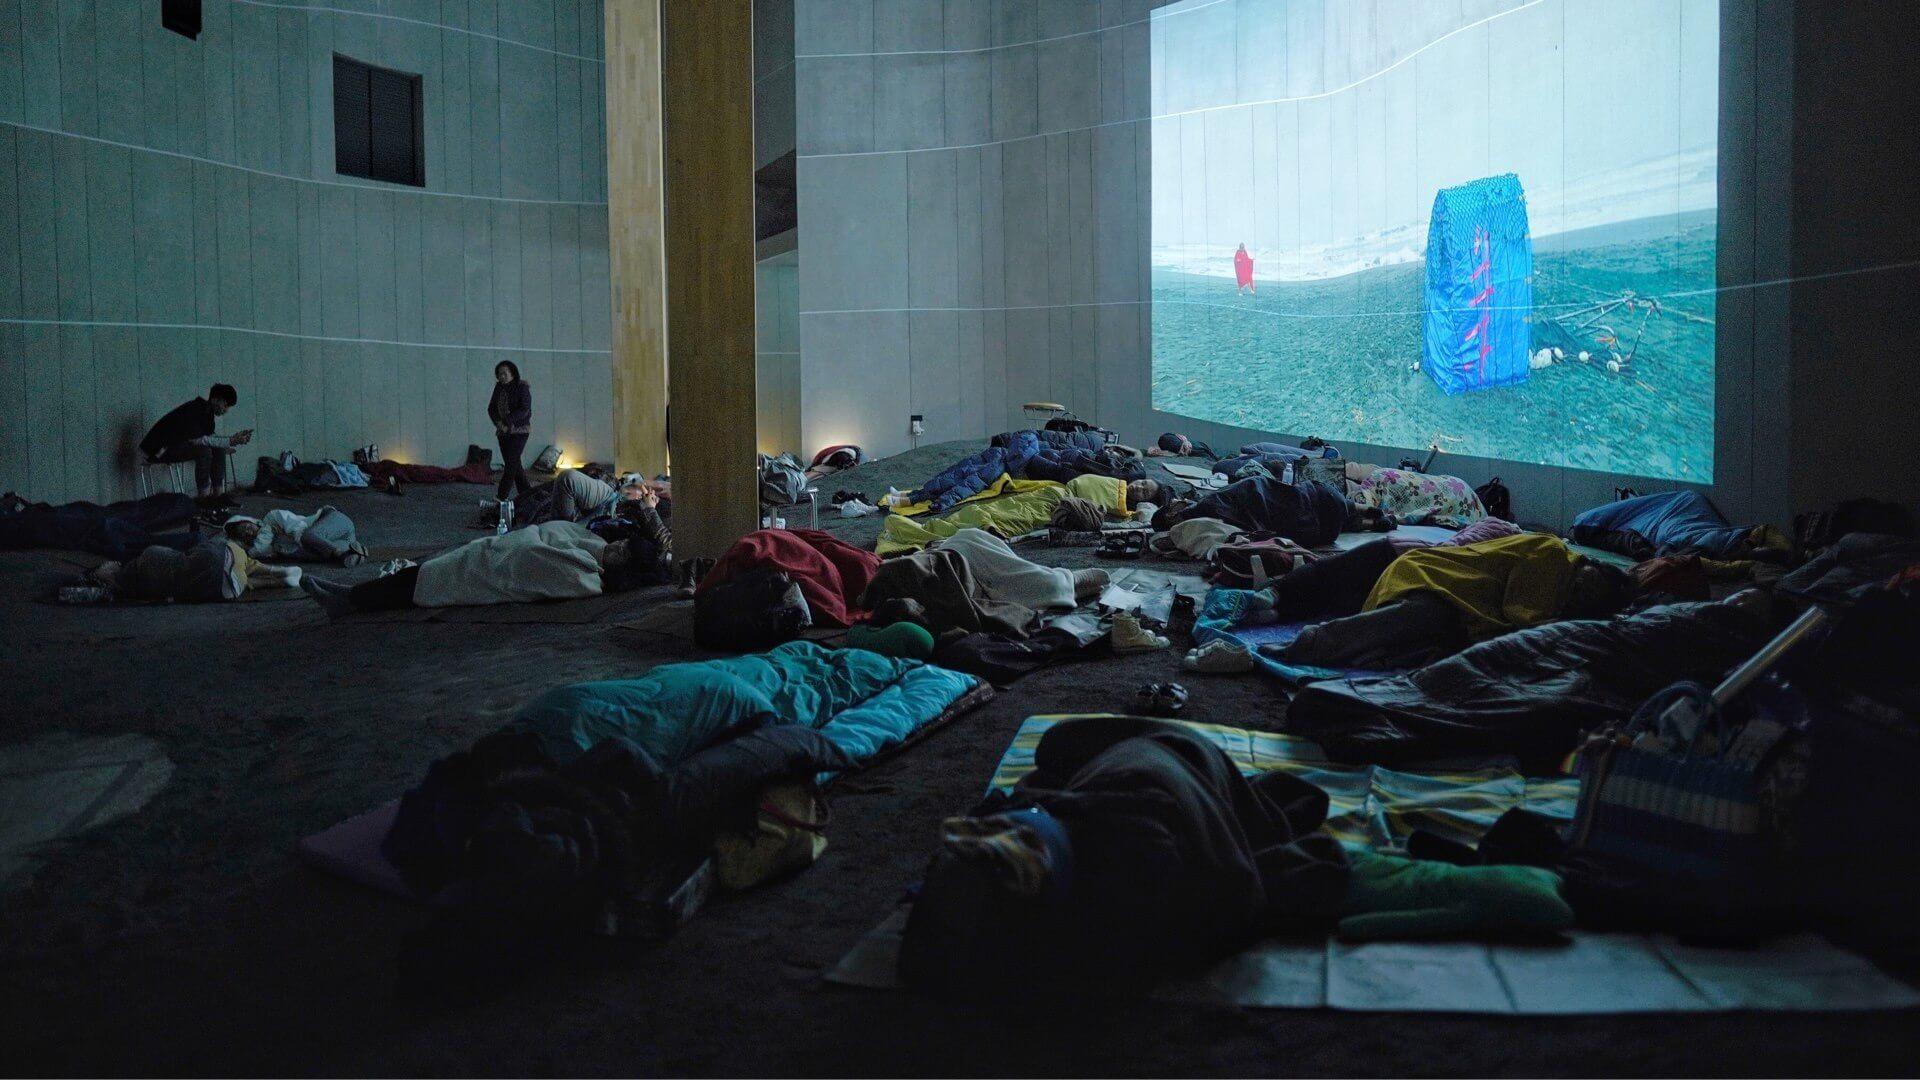 蔡明亮還發起過「夜宿美術館」活動(圖片:蔡明亮臉書專頁)